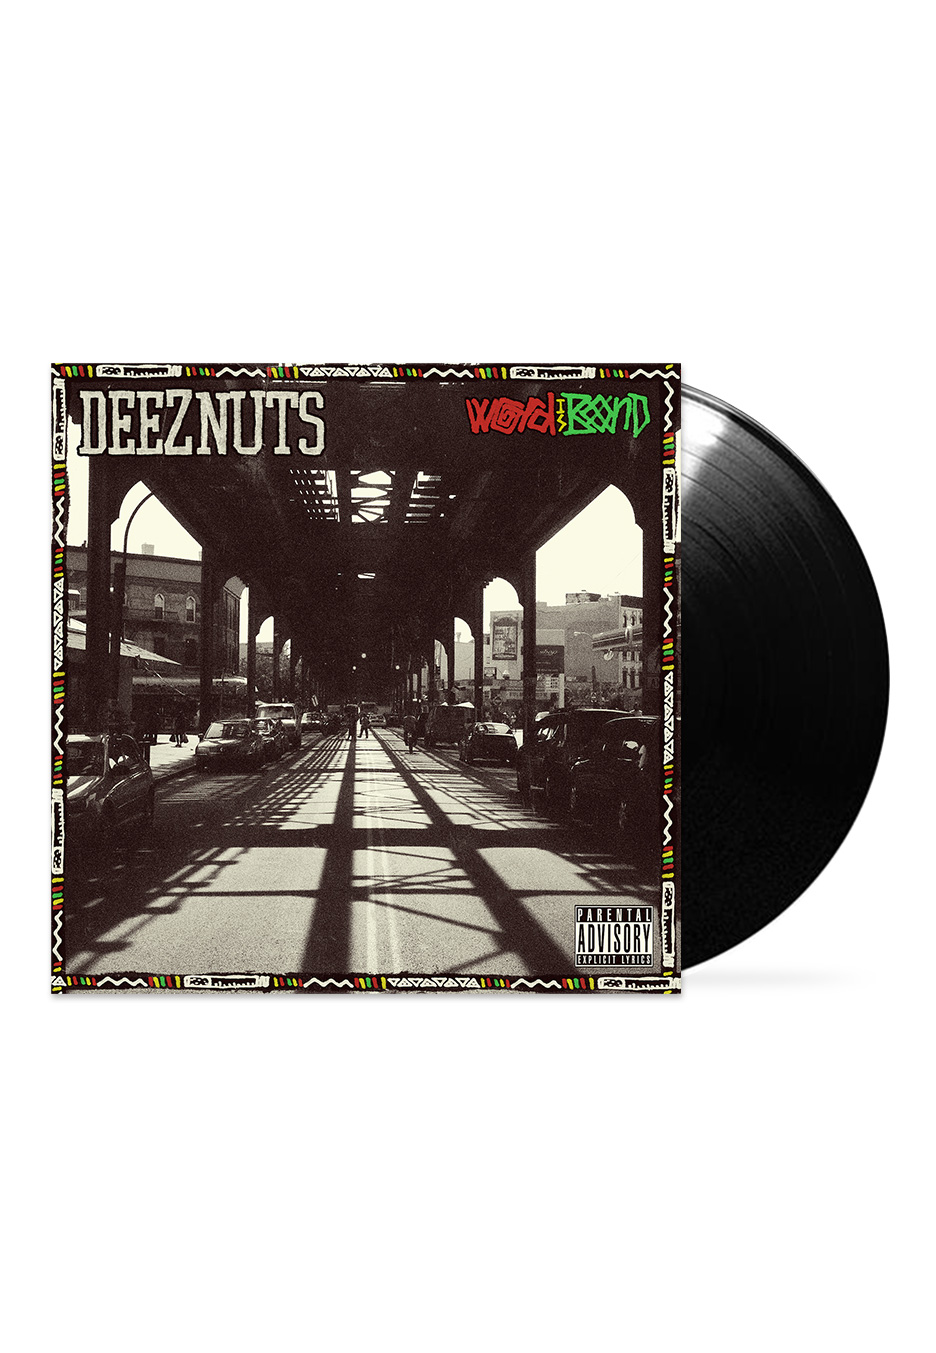 Deez Nuts - Word Is Bond - Vinyl